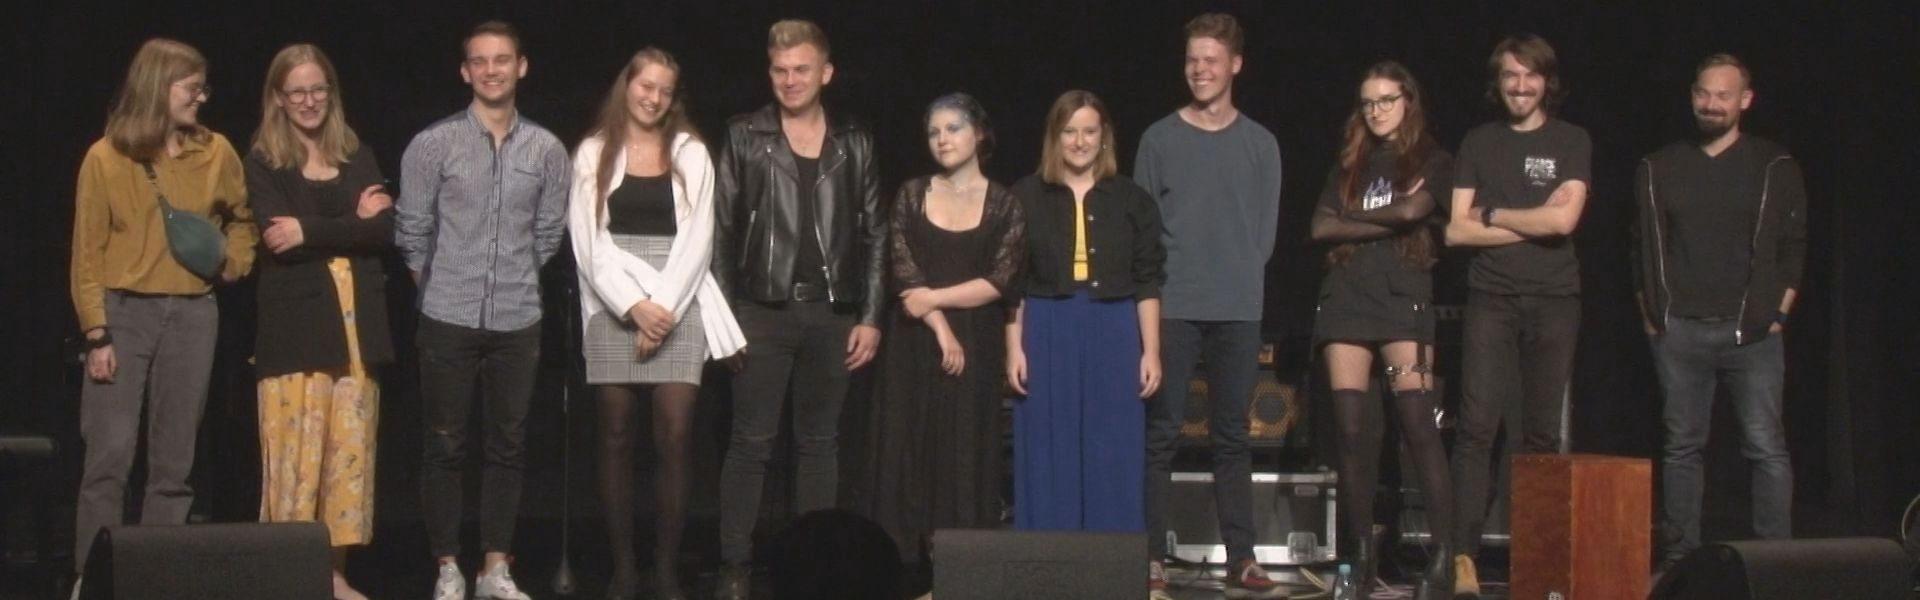 Coolturalny koncert młodych artystów